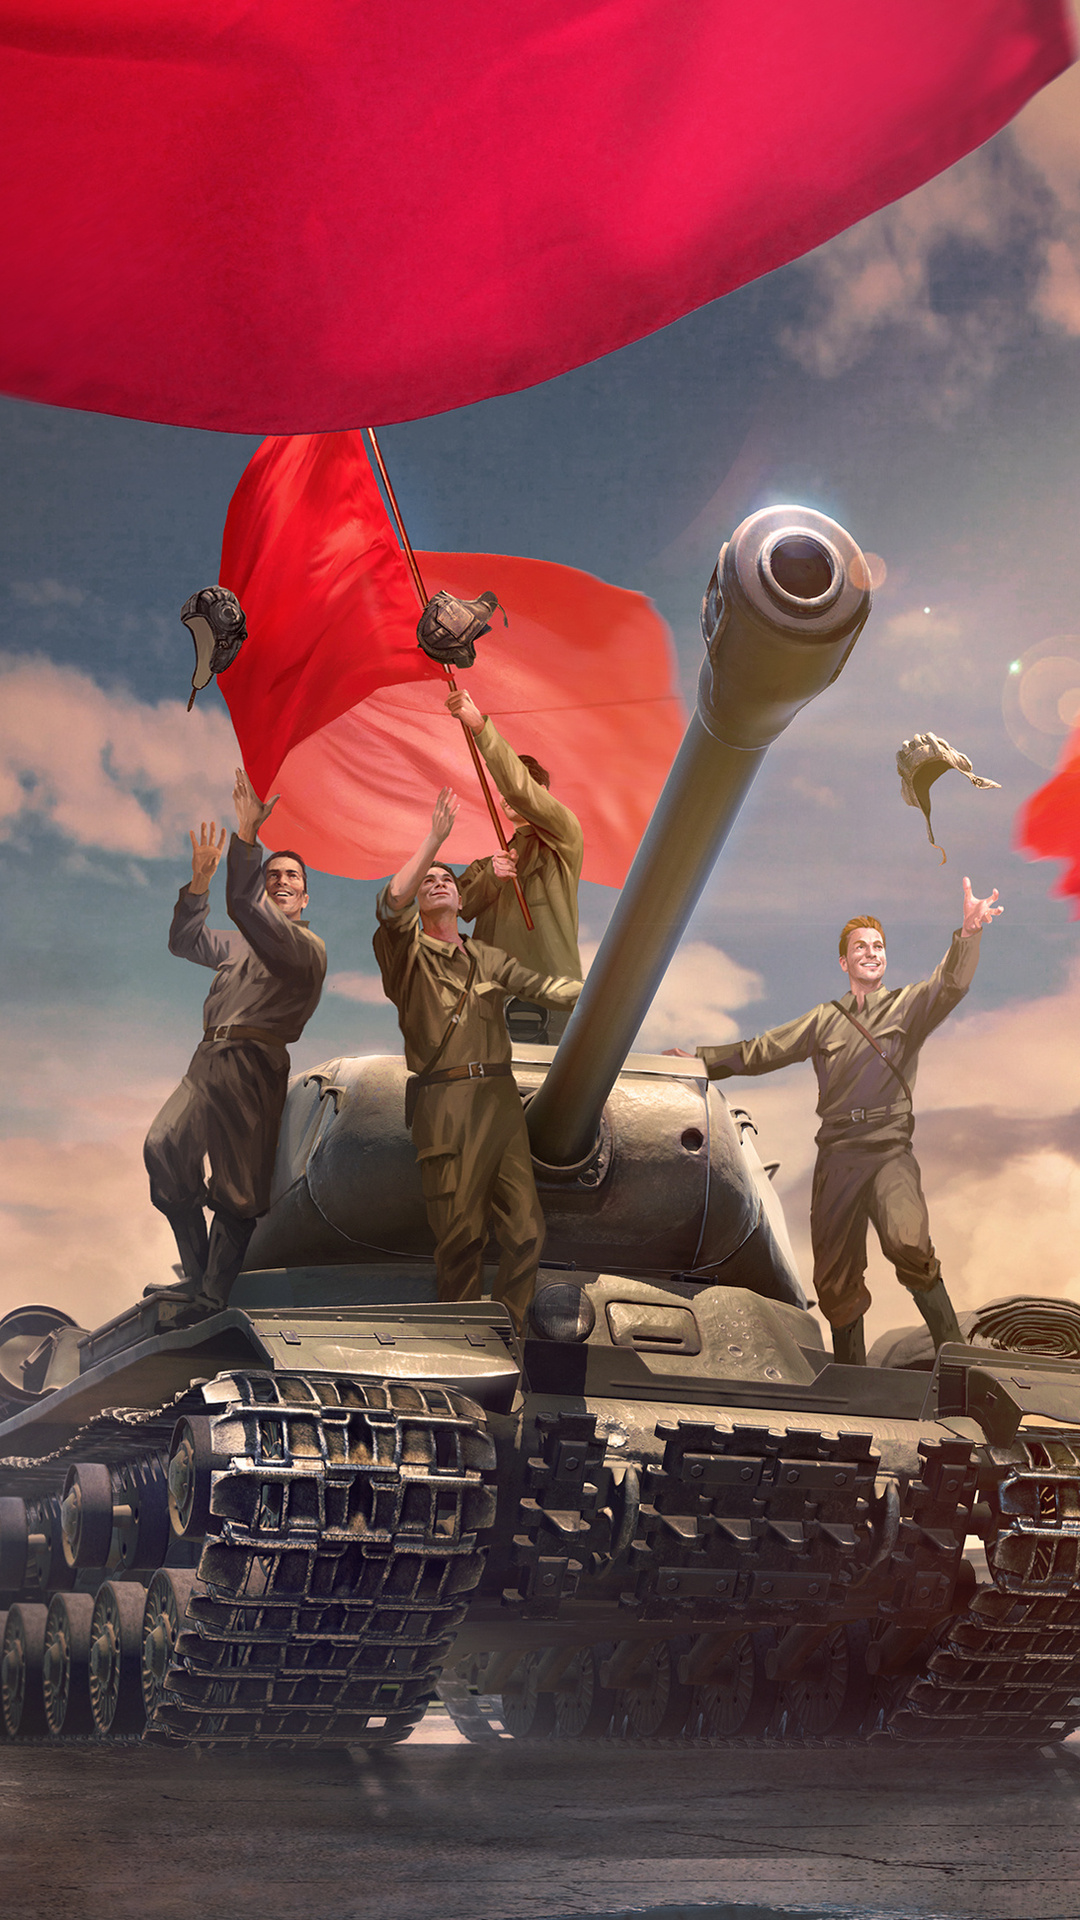 2018-world-of-tanks-4k-86.jpg